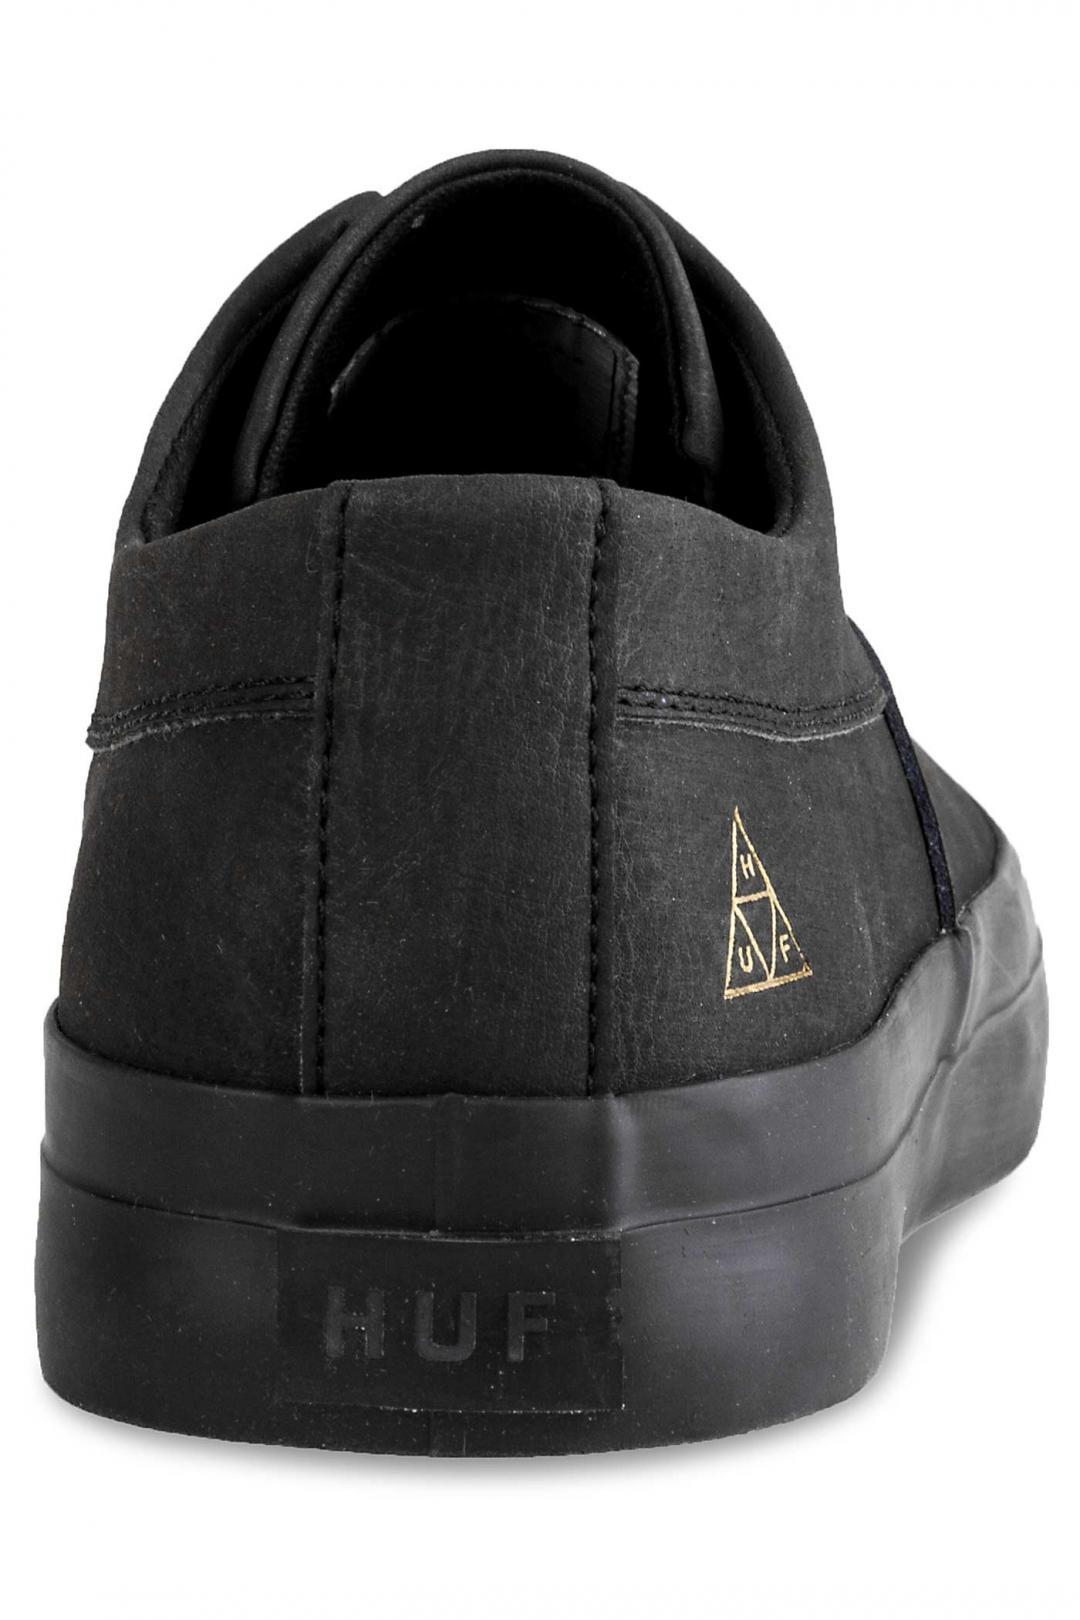 Uomo HUF Dylan Slip On black black | Sneaker